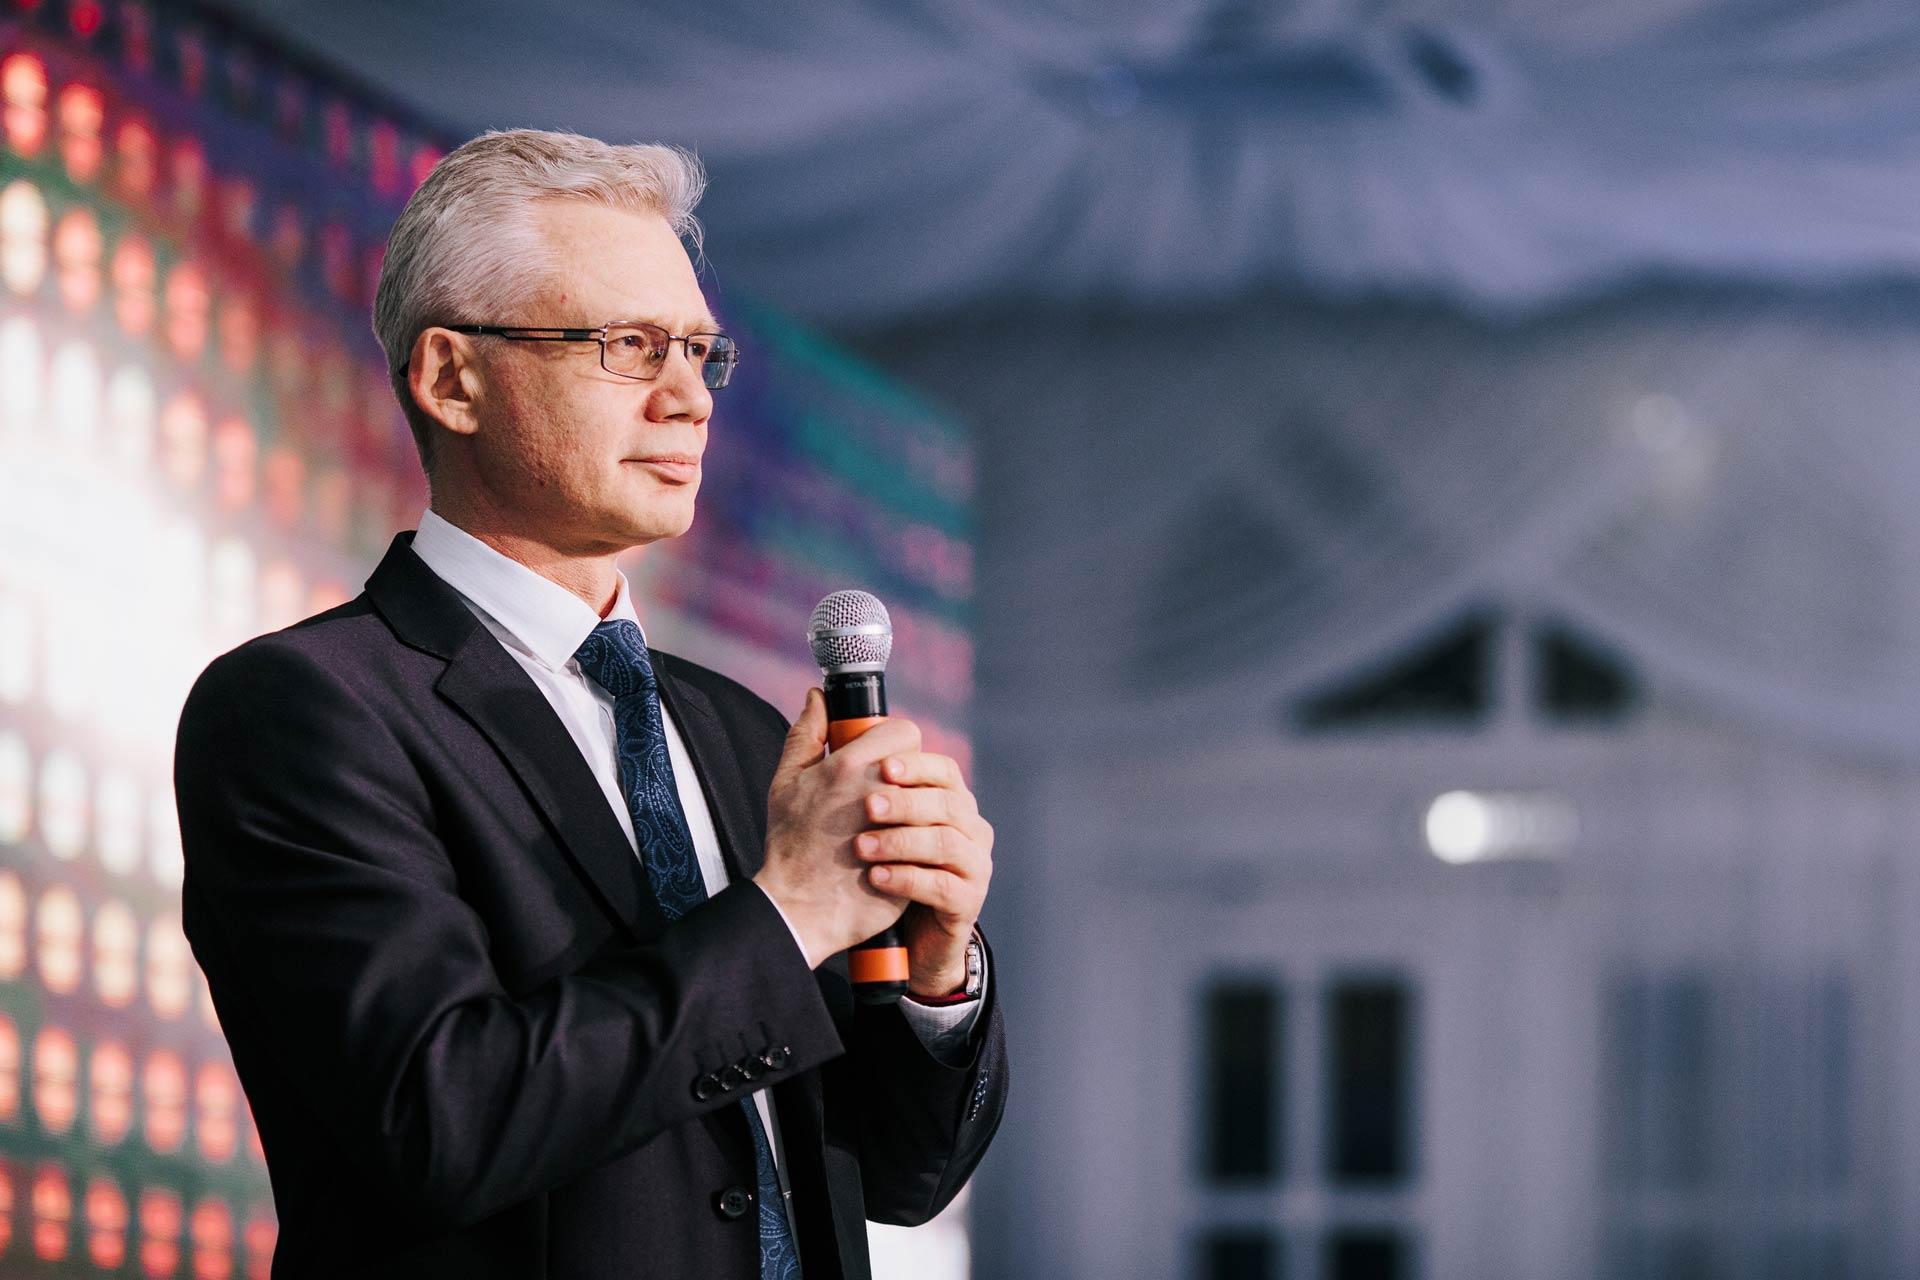 История успеха: Андрей Шеремет, руководитель компании «ГЭНДАЛЬФ»